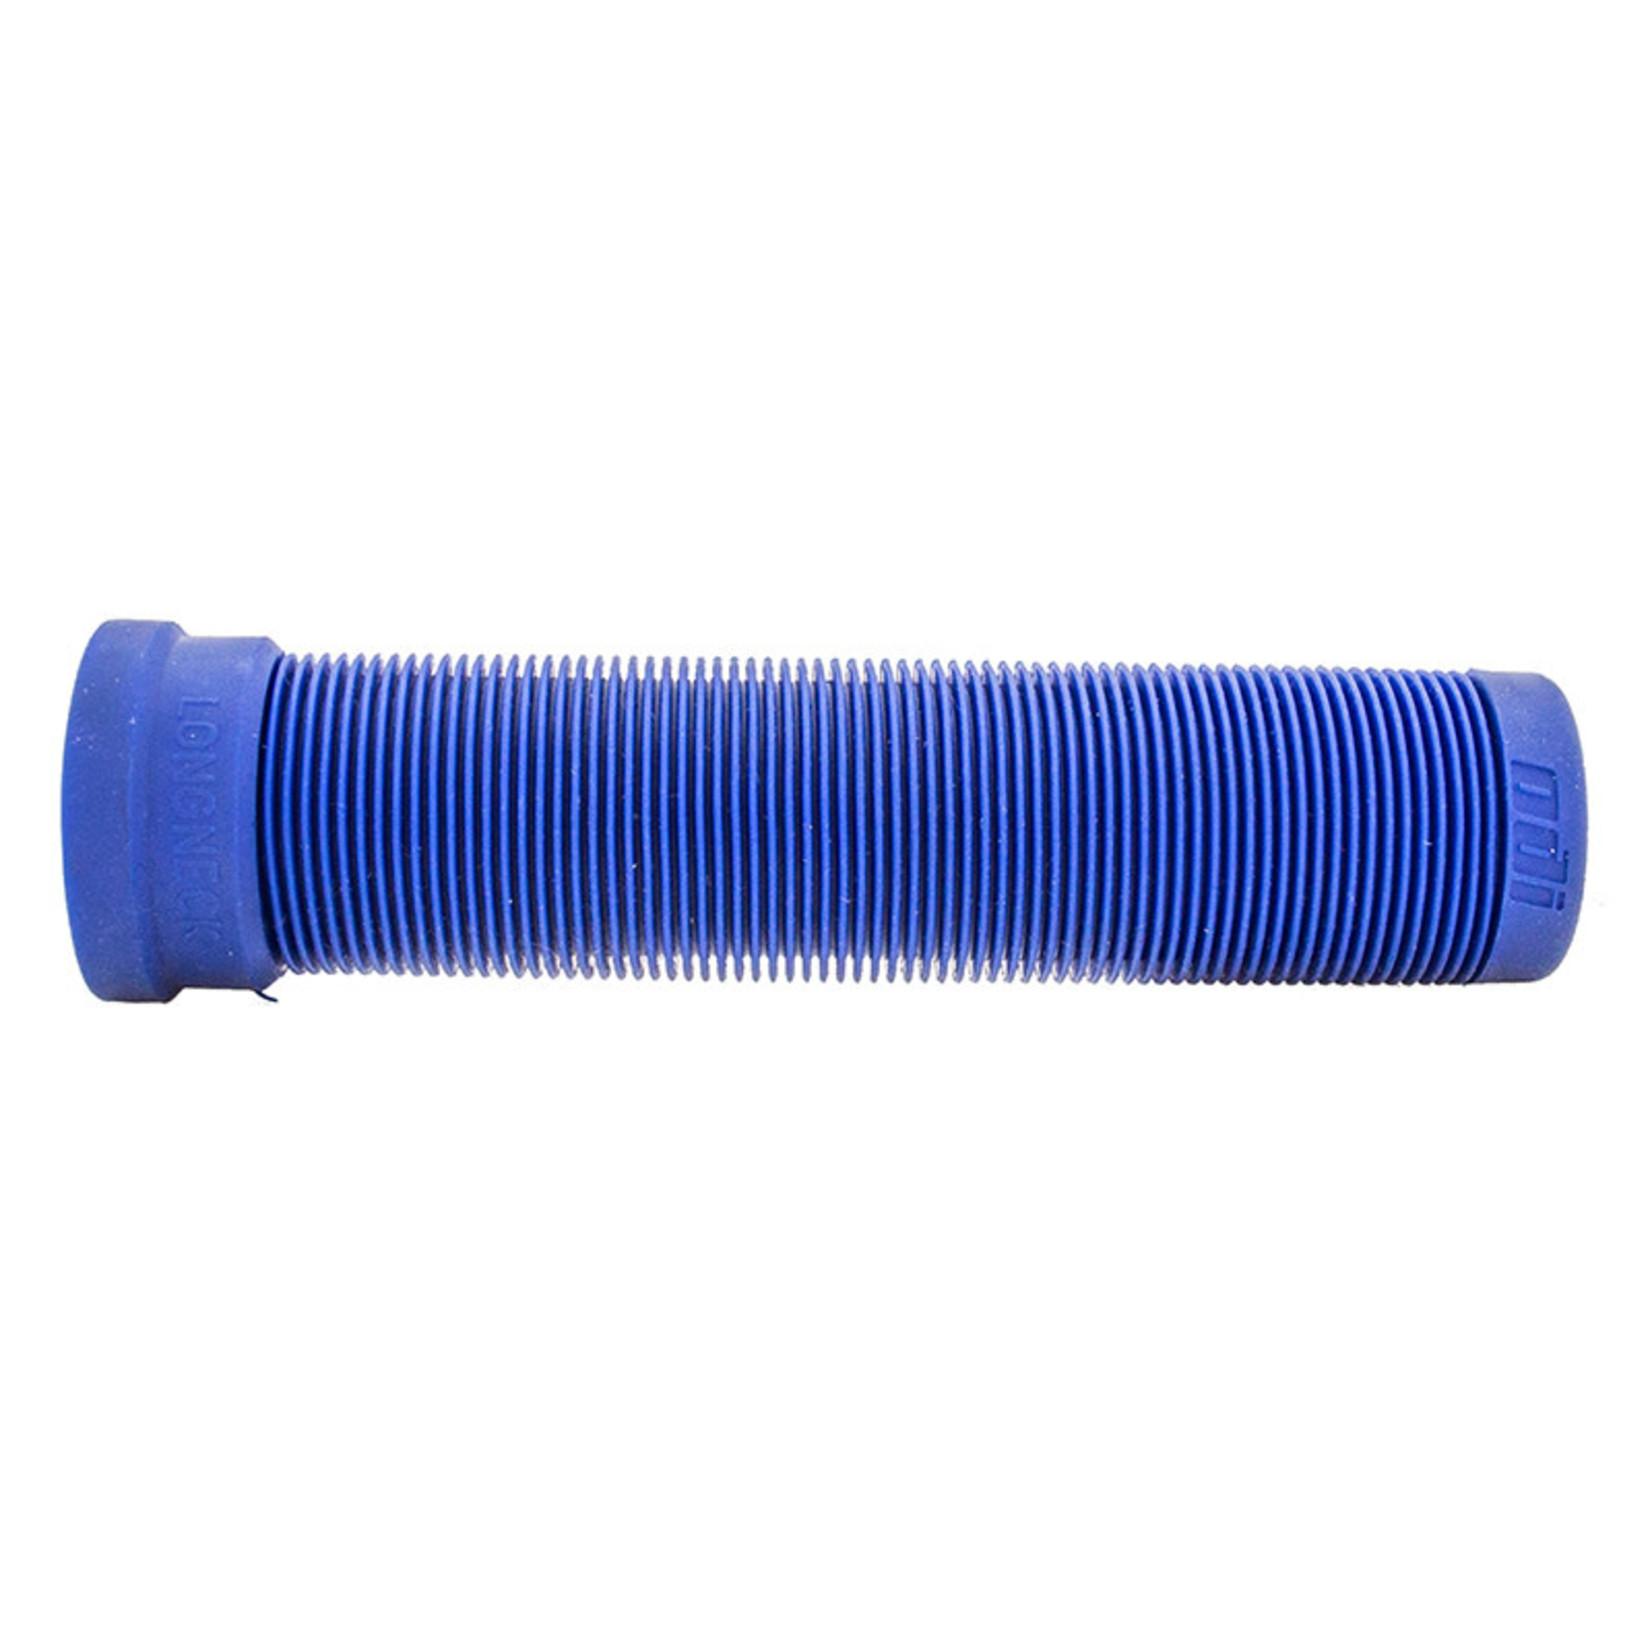 Long Neck SL Grips Flangeless Blue 135mm